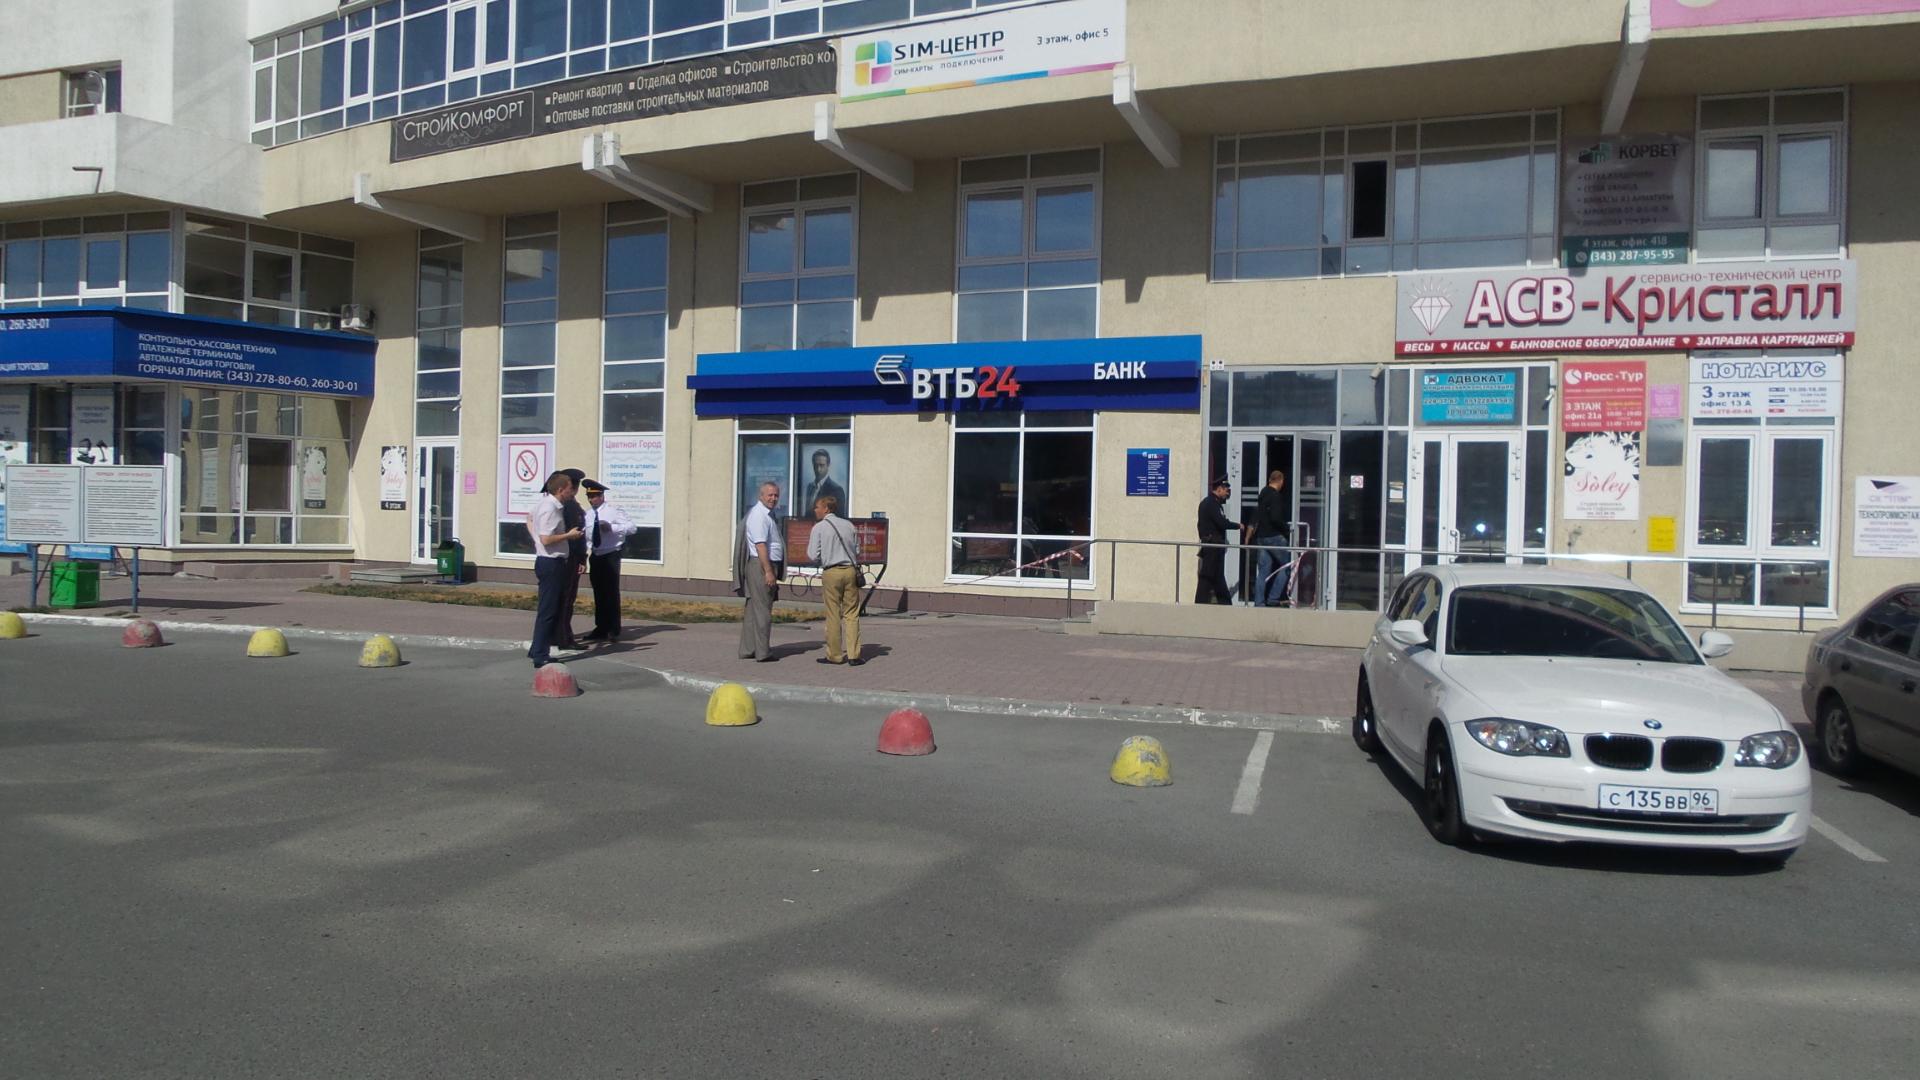 ВЕкатеринбурге налётчики ограбили отделение банка ВТБ